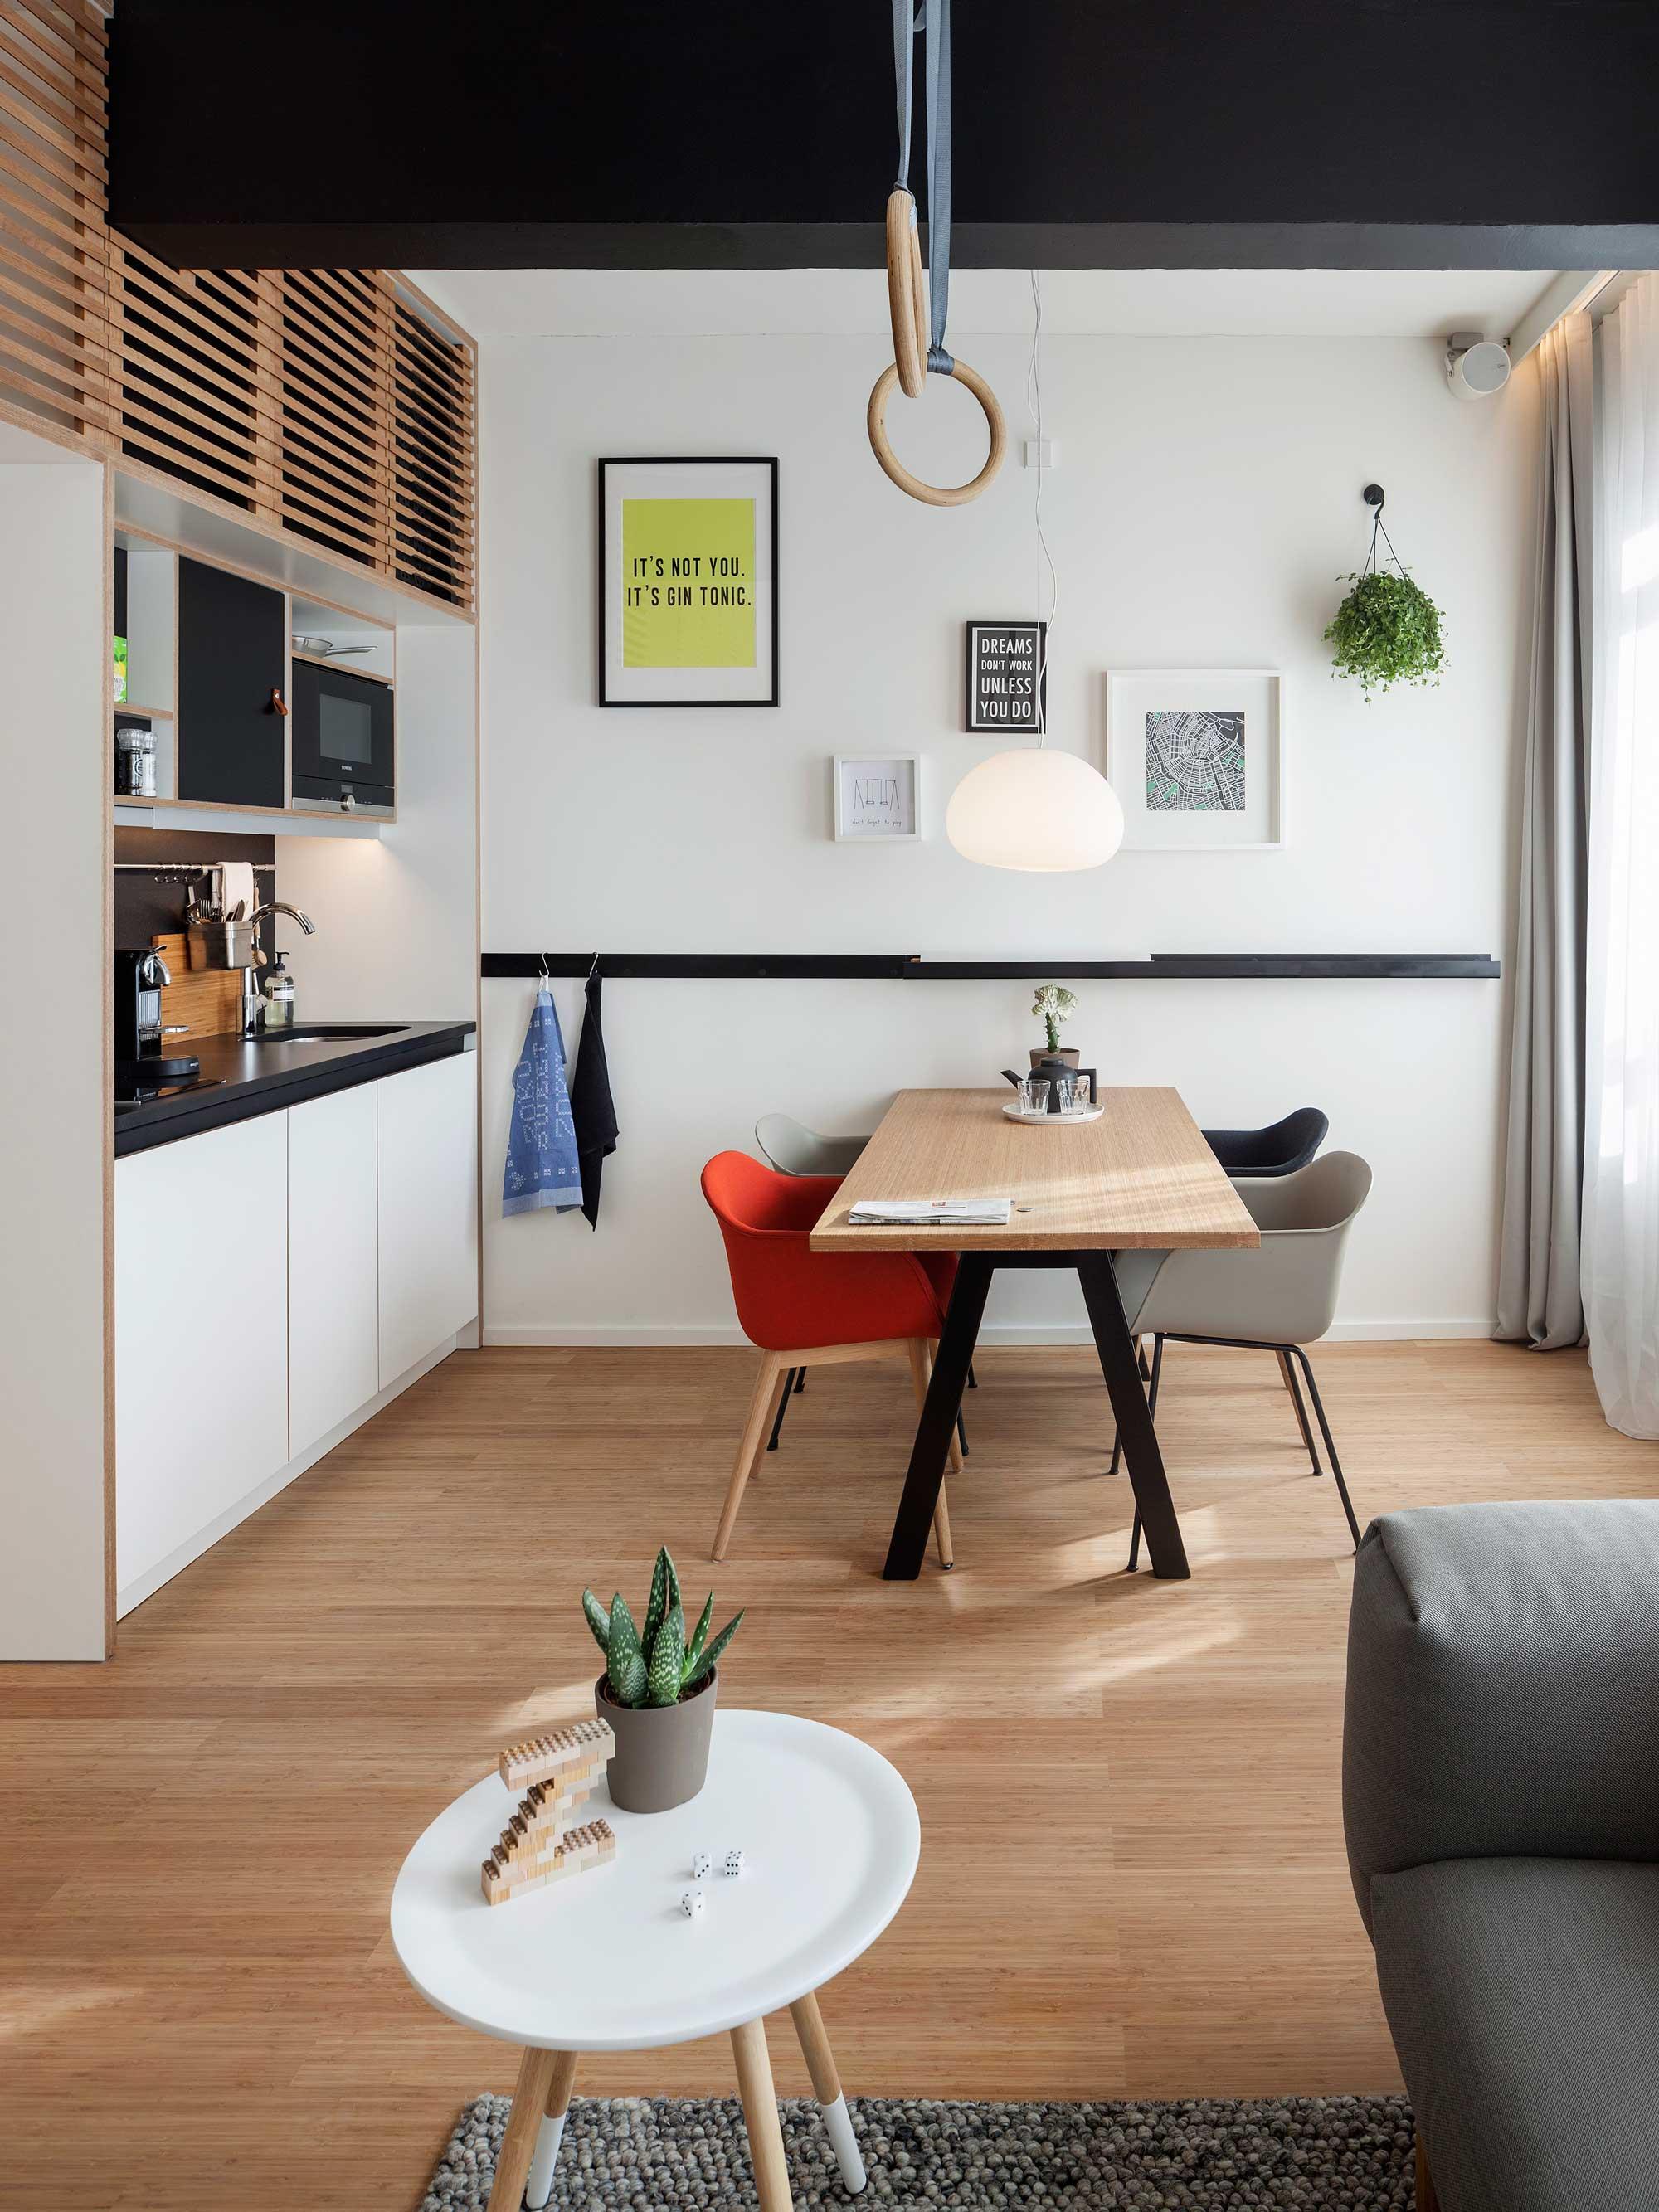 Duurzaam hotel Zoku in Amsterdam